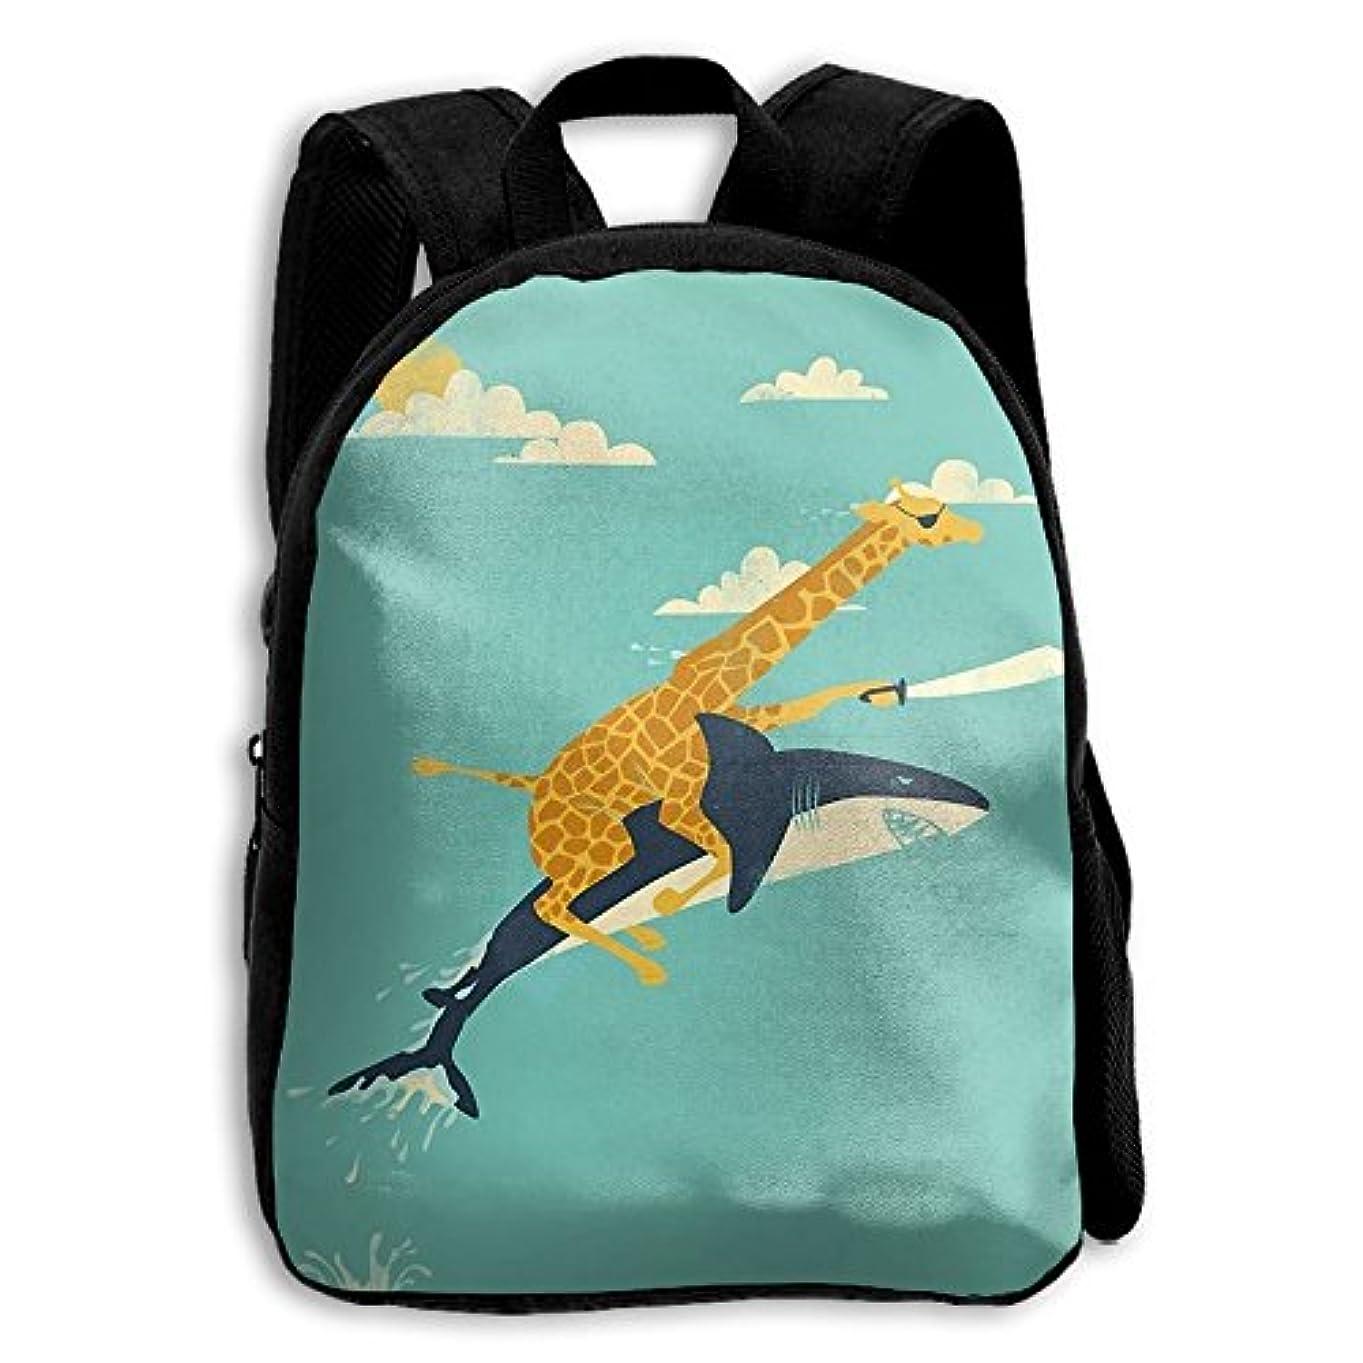 稼ぐ作者写真を撮るキッズ バックパック 子供用 リュックサック 面白いキリンサメ ショルダー デイパック アウトドア 男の子 女の子 通学 旅行 遠足